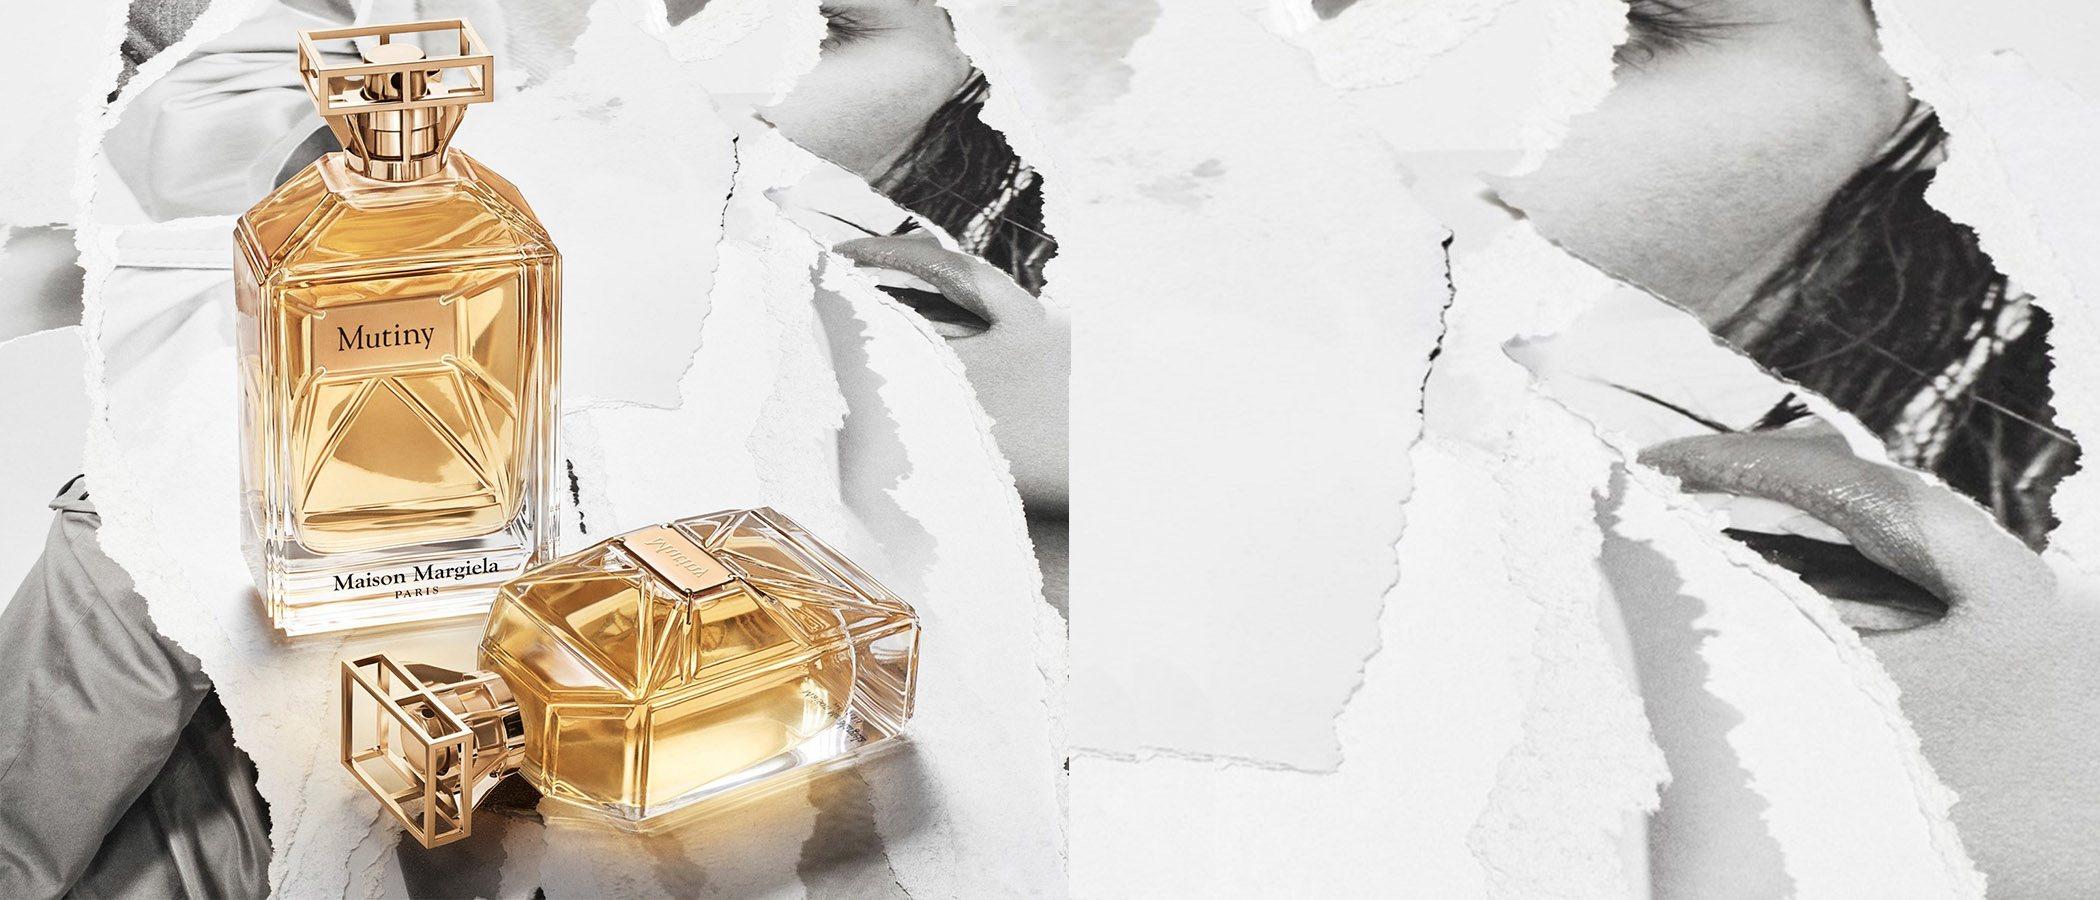 Maison Margiela lanza 'Mutiny', su primer perfume bajo la dirección de John Galliano